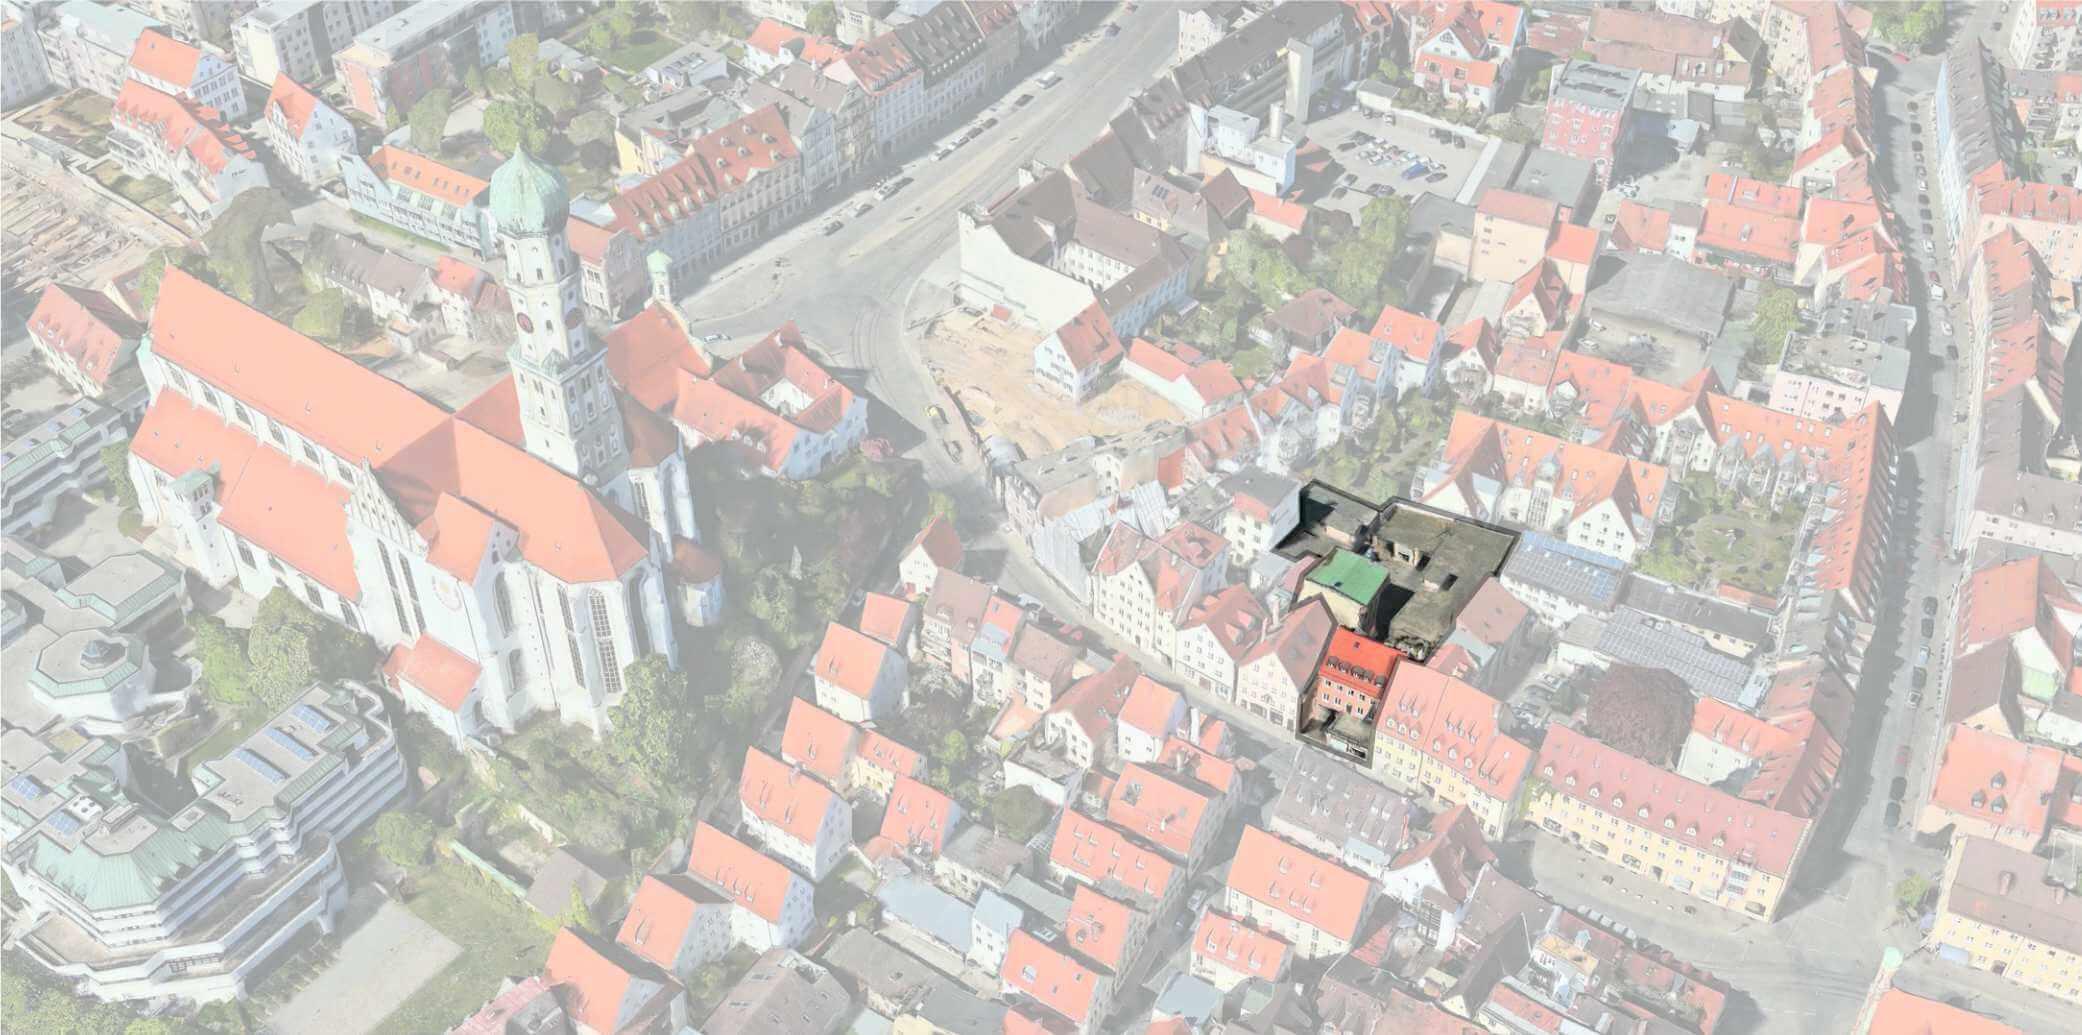 Neues Projekt: Wohnen am Milchberg, Augsburg